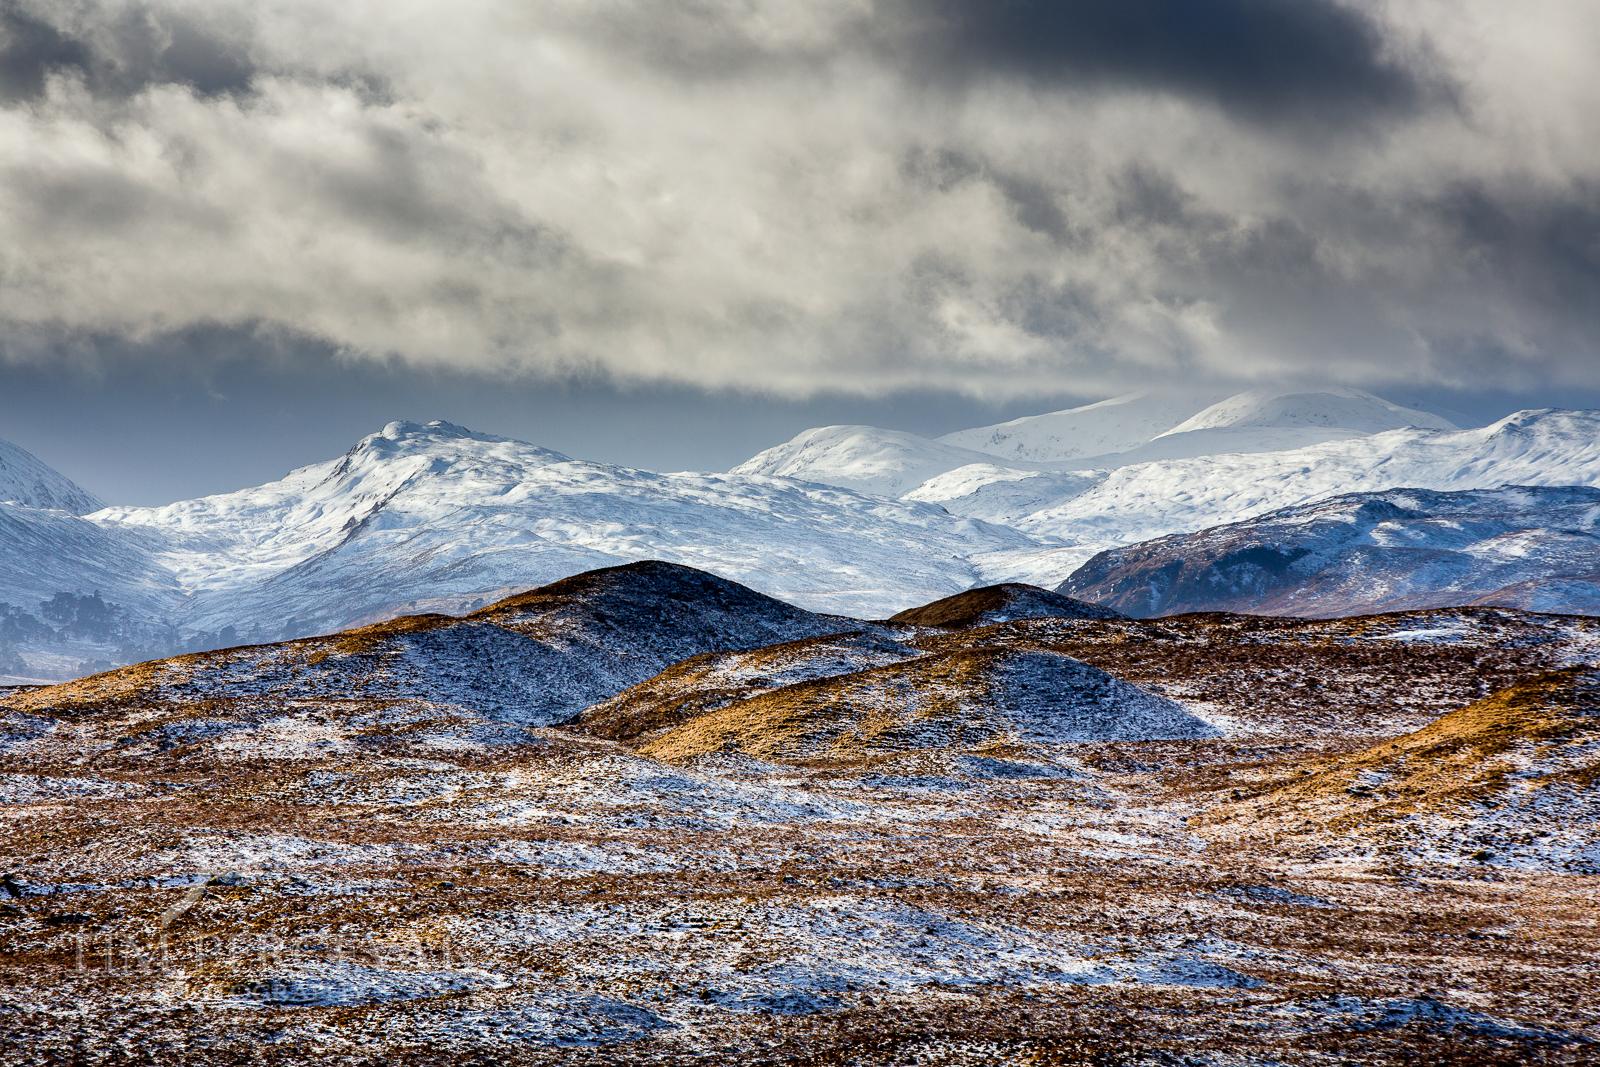 Stob Ghabhar Mountain Range